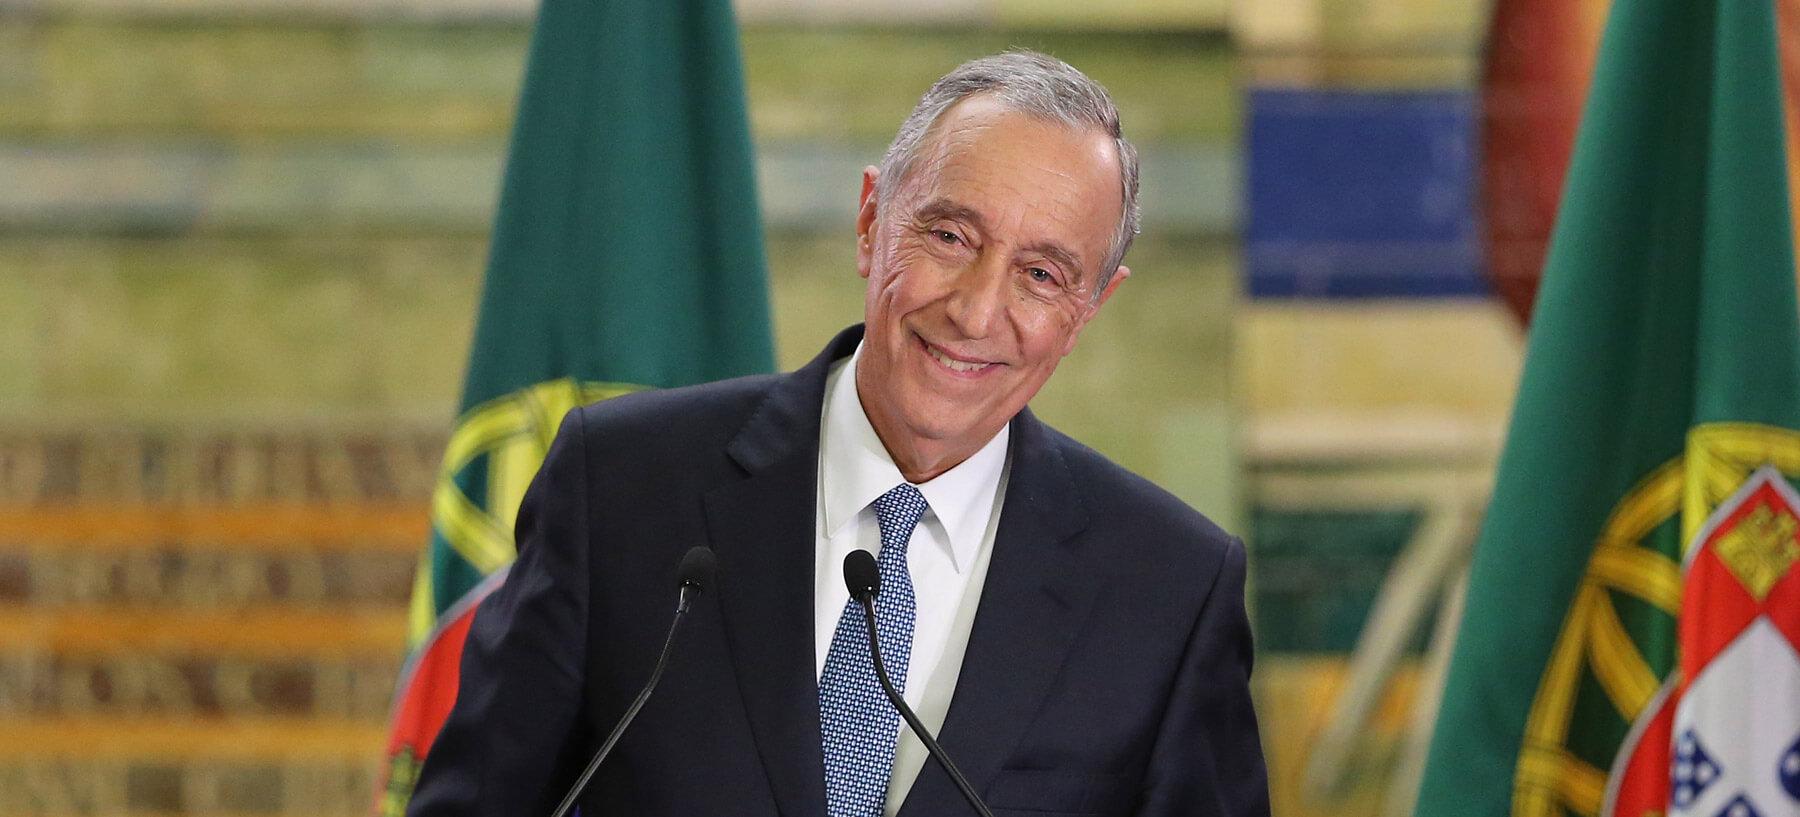 El Arrollador Fenómeno Del Presidente De Portugal Ya Se Estudia En La Universidad